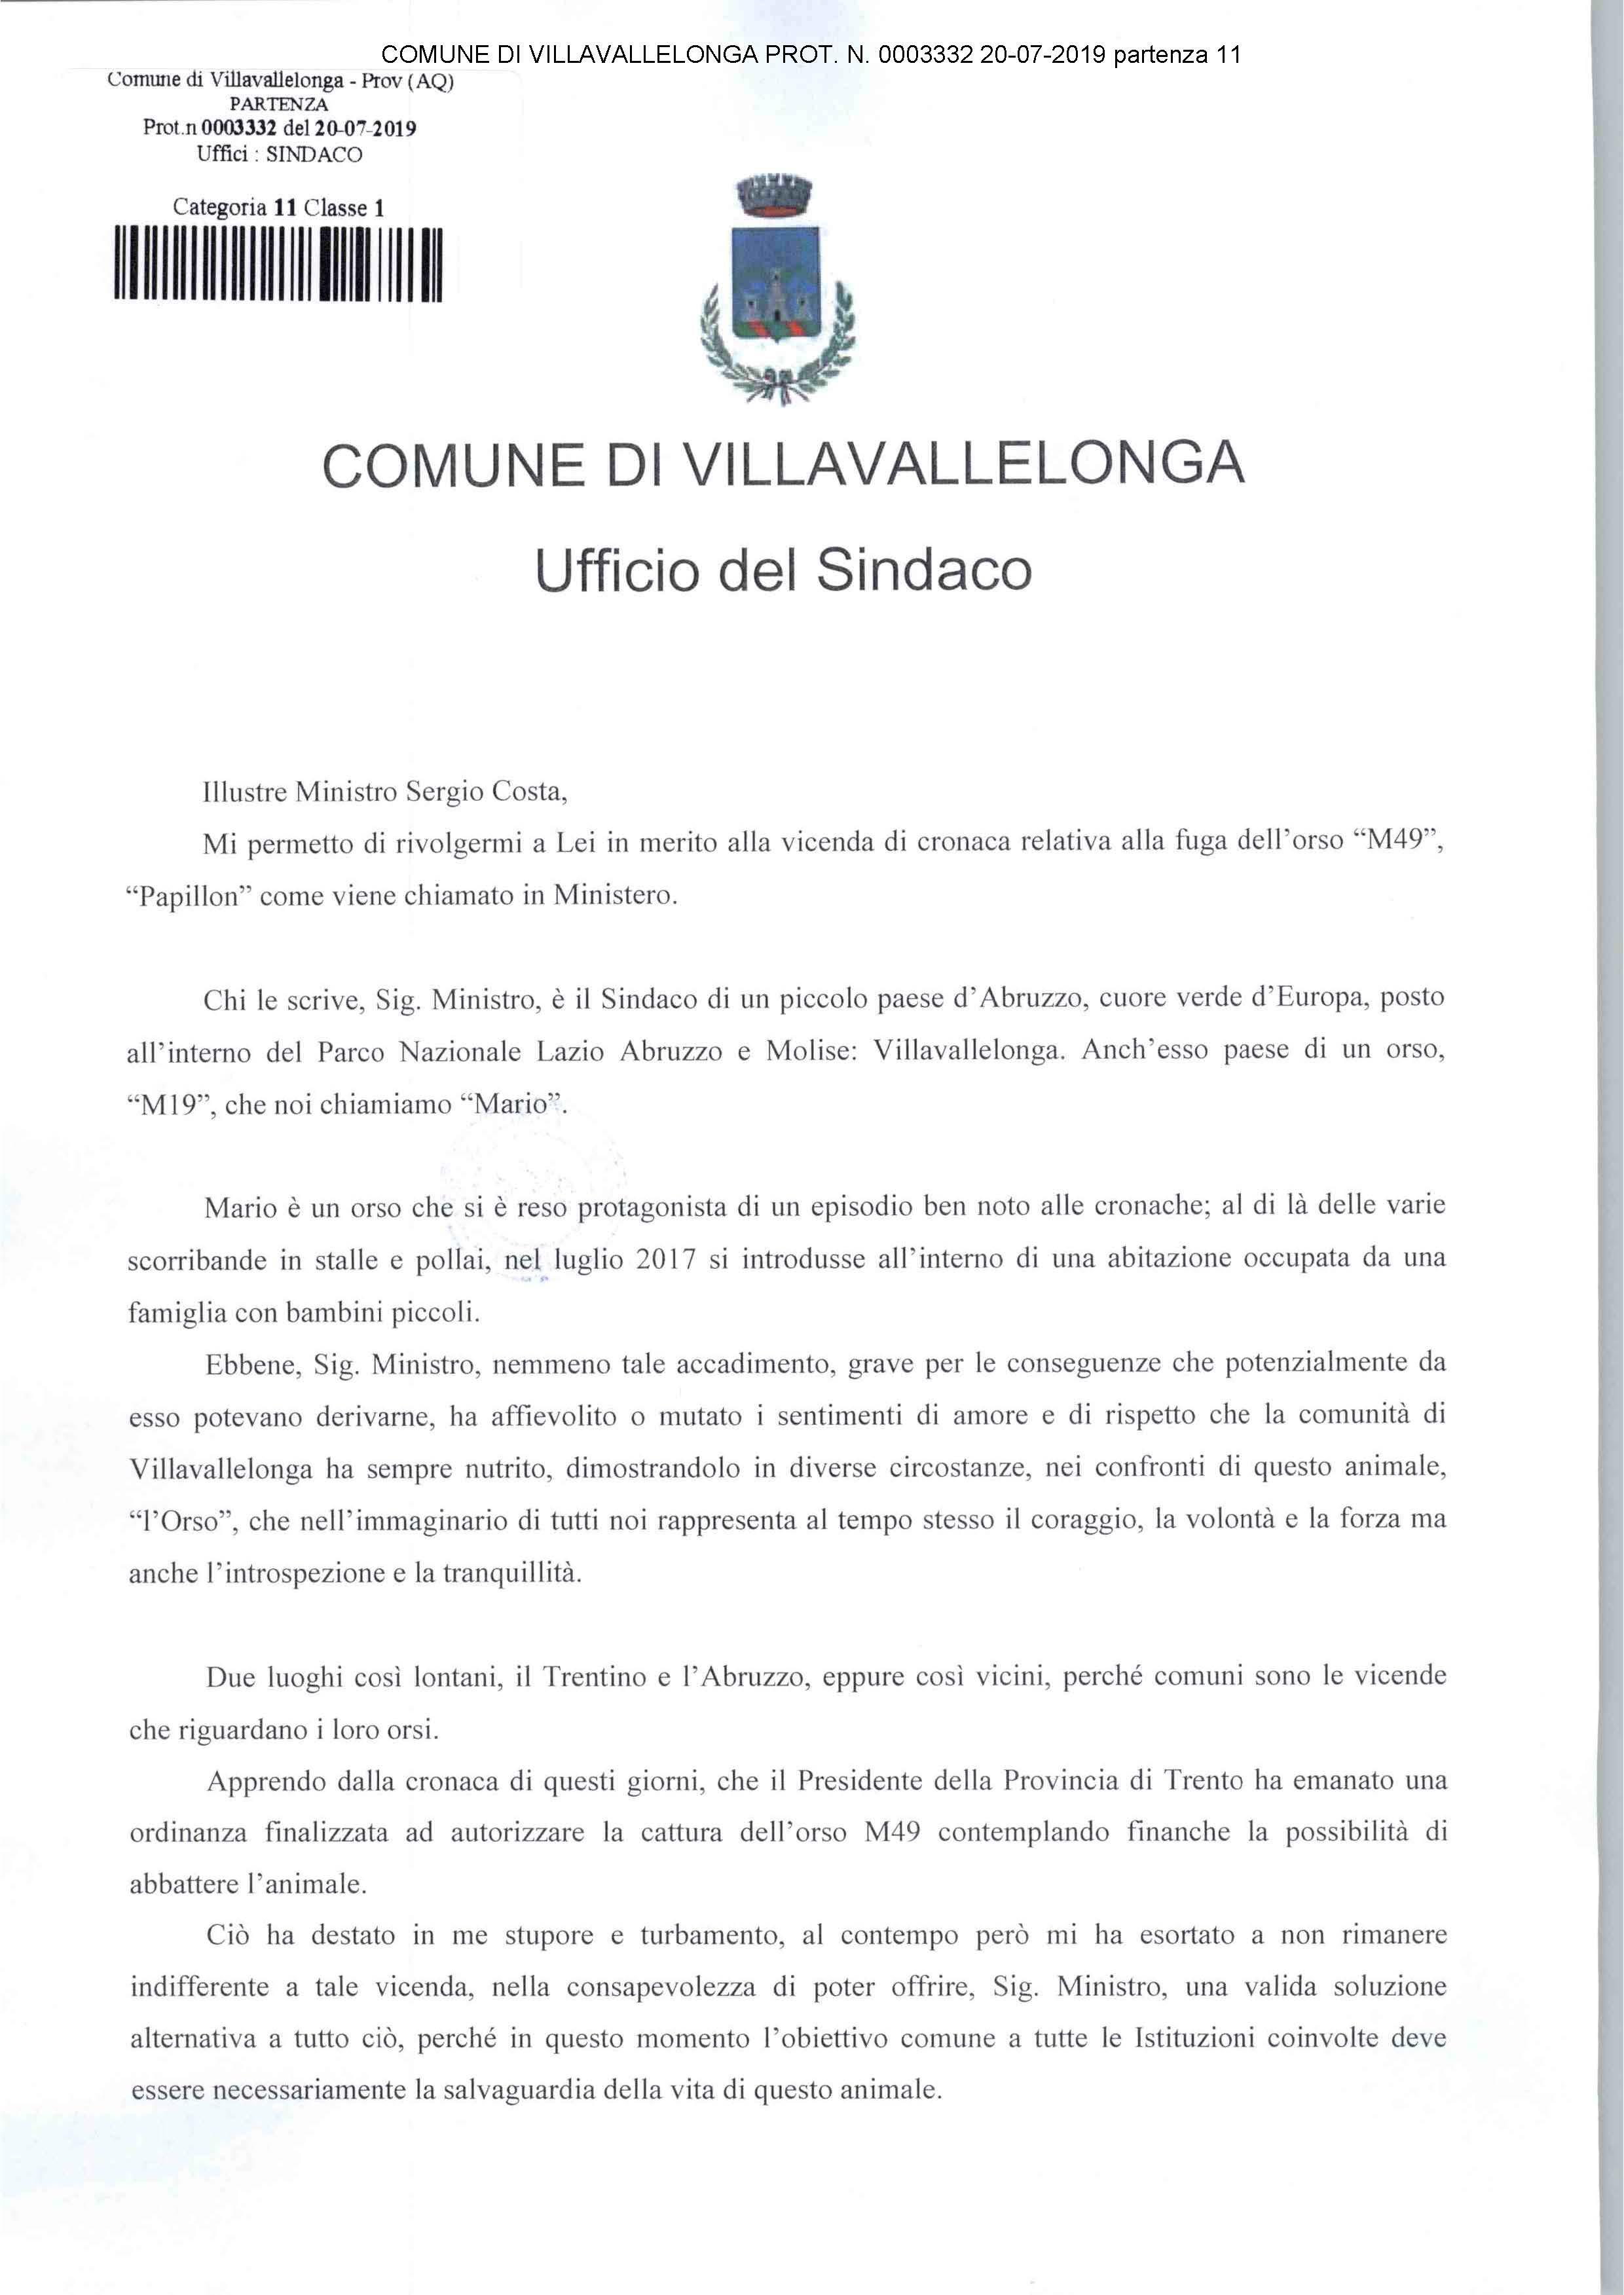 L'orso Papillon deve vivere, il comune di Villavallelonga mette a disposizione la propria area faunistica per salvare M49